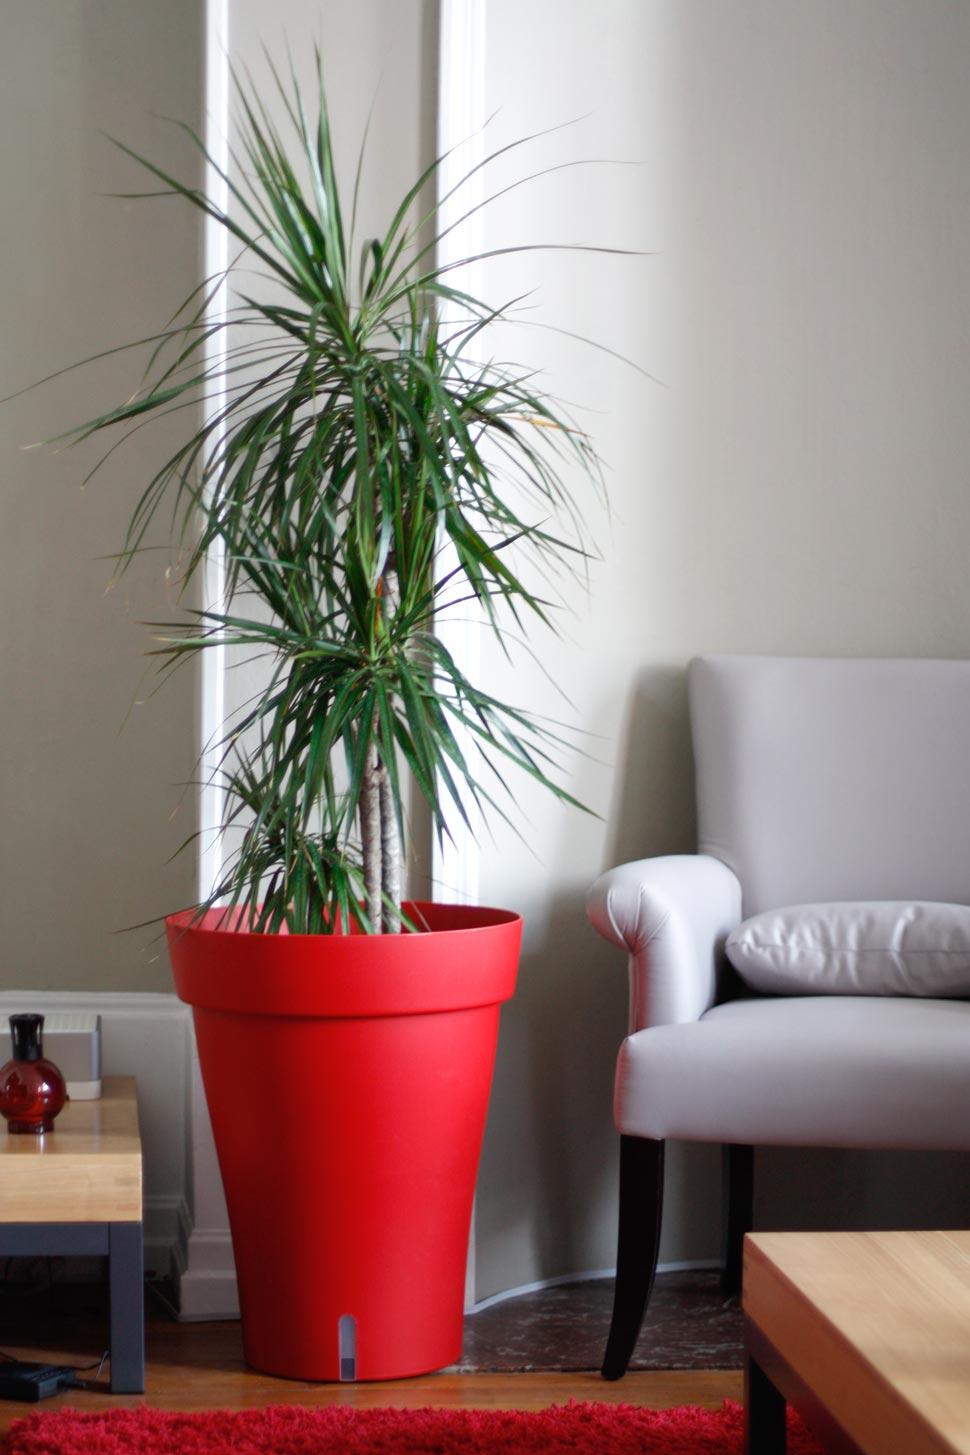 Vaso vermelho destaca as cores da palmeira ráfia